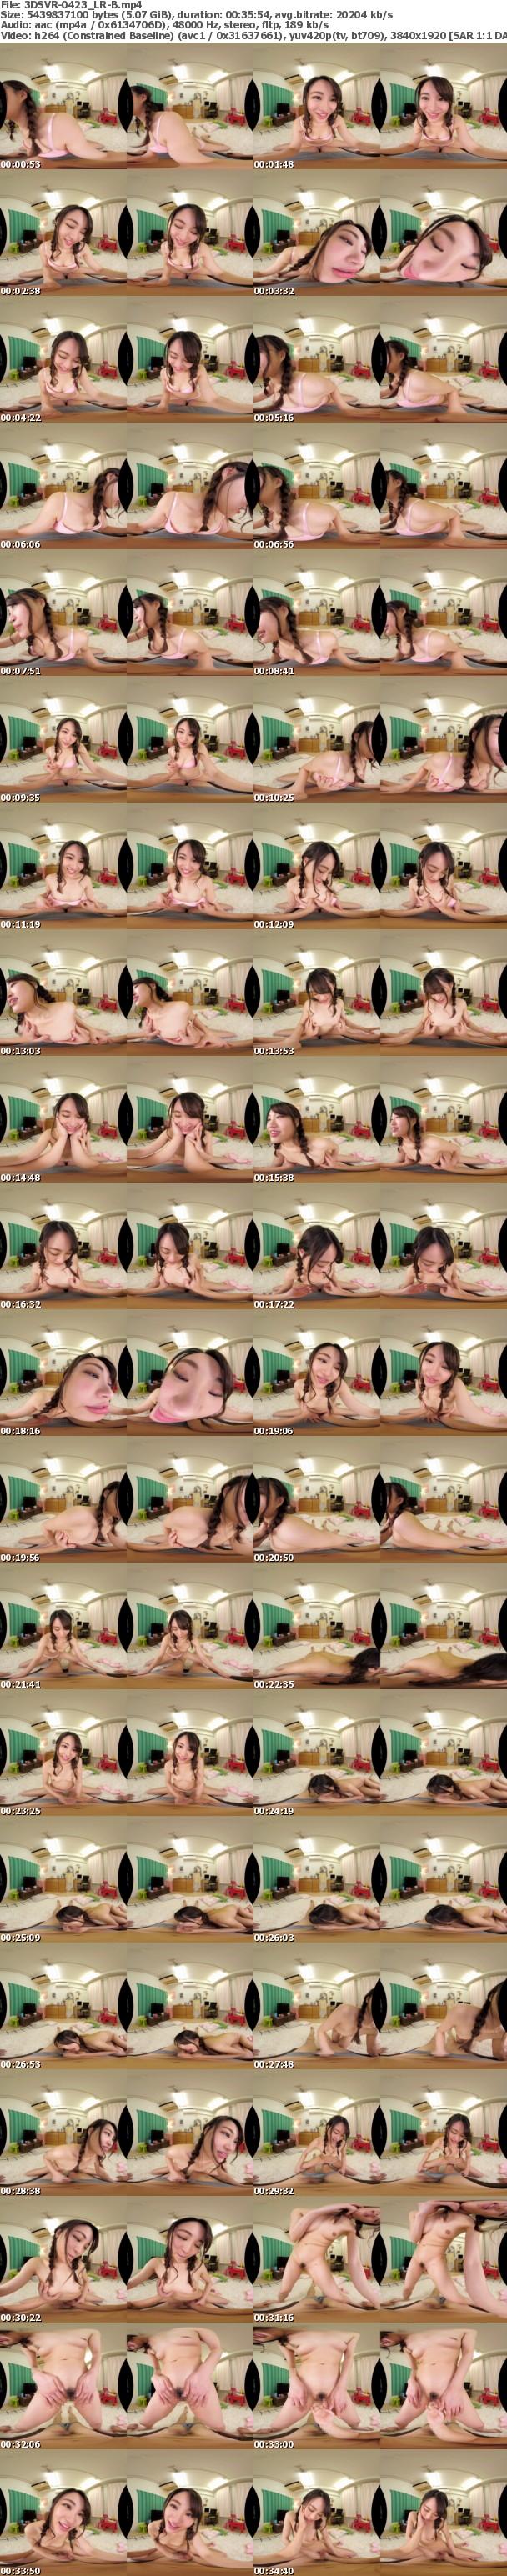 (VR) 3DSVR-0423 耳で感じるエロ 聴覚刺激VR 松田美子